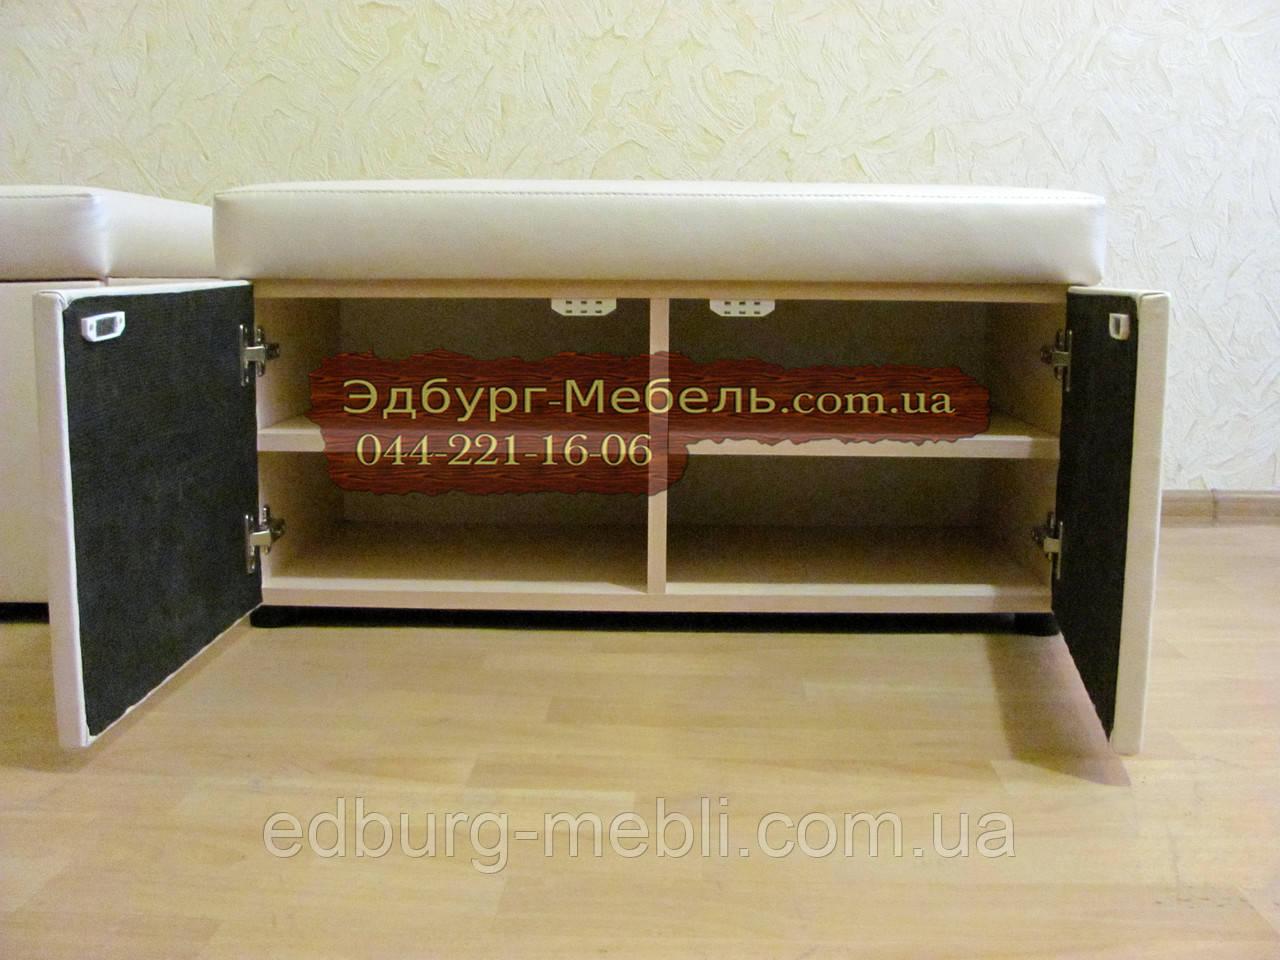 Poof locker - buy on www.bizator.com.